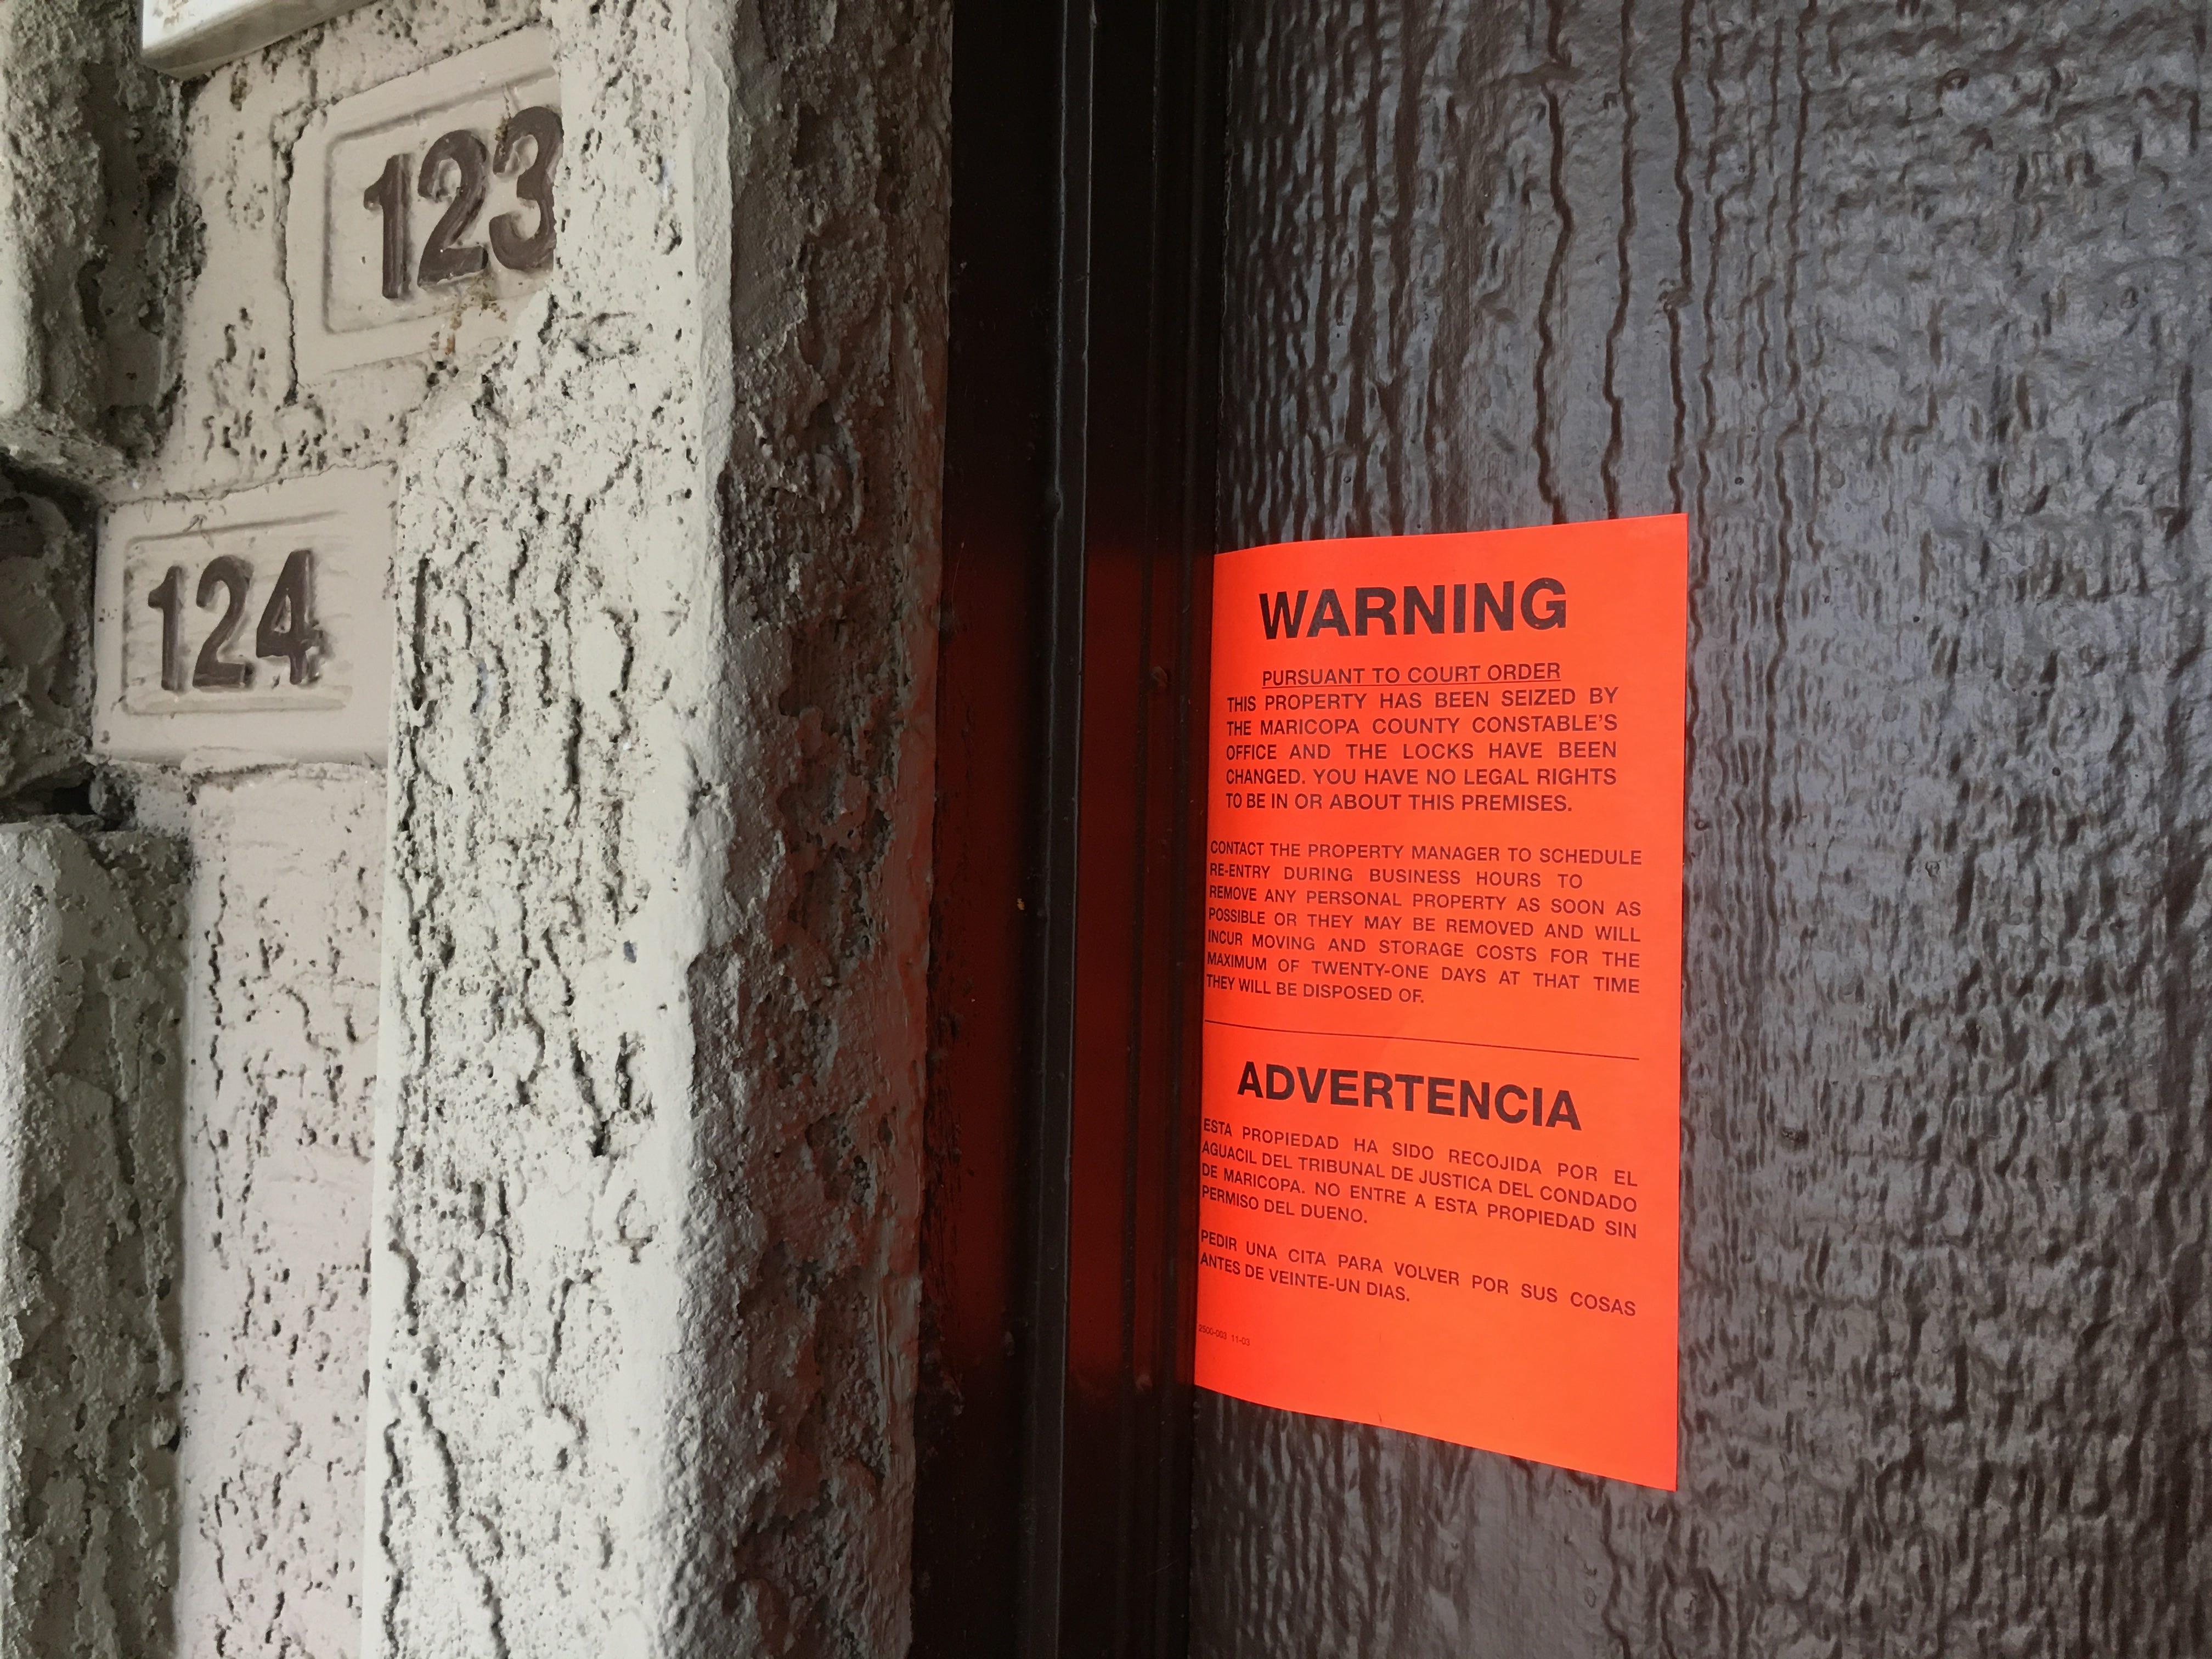 89,000 Arizonans could see a major rent increase under HUD proposal | Arizona Central